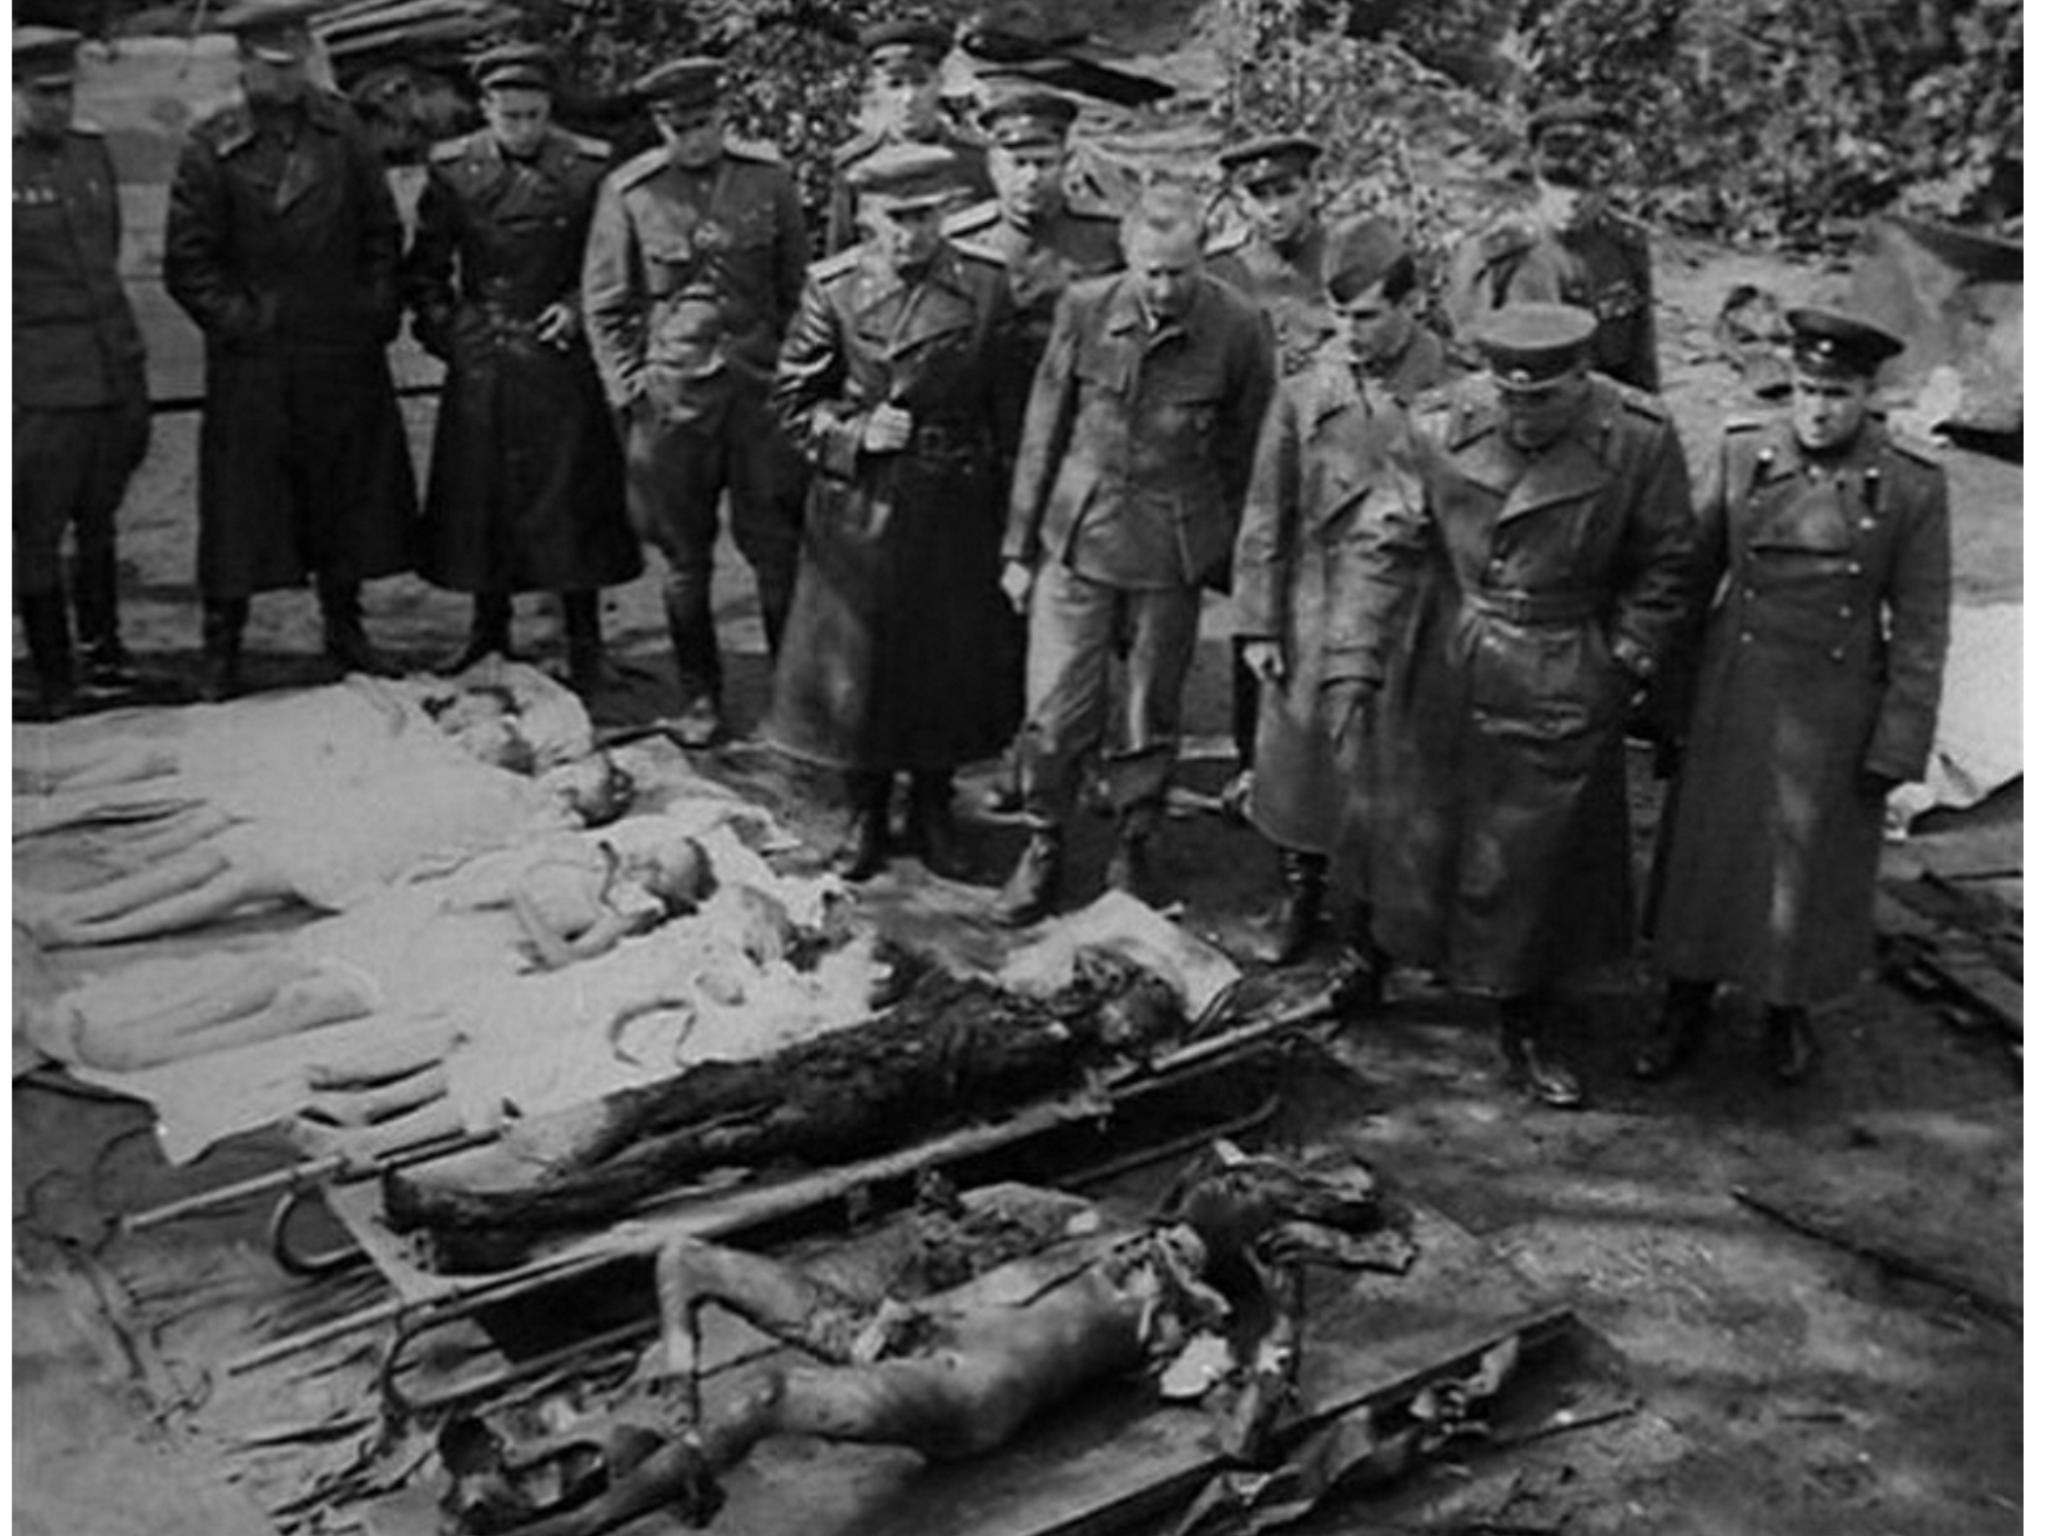 Фракция нацистов в рейхстаге требовала принять жесткие законы против гомосексуализма